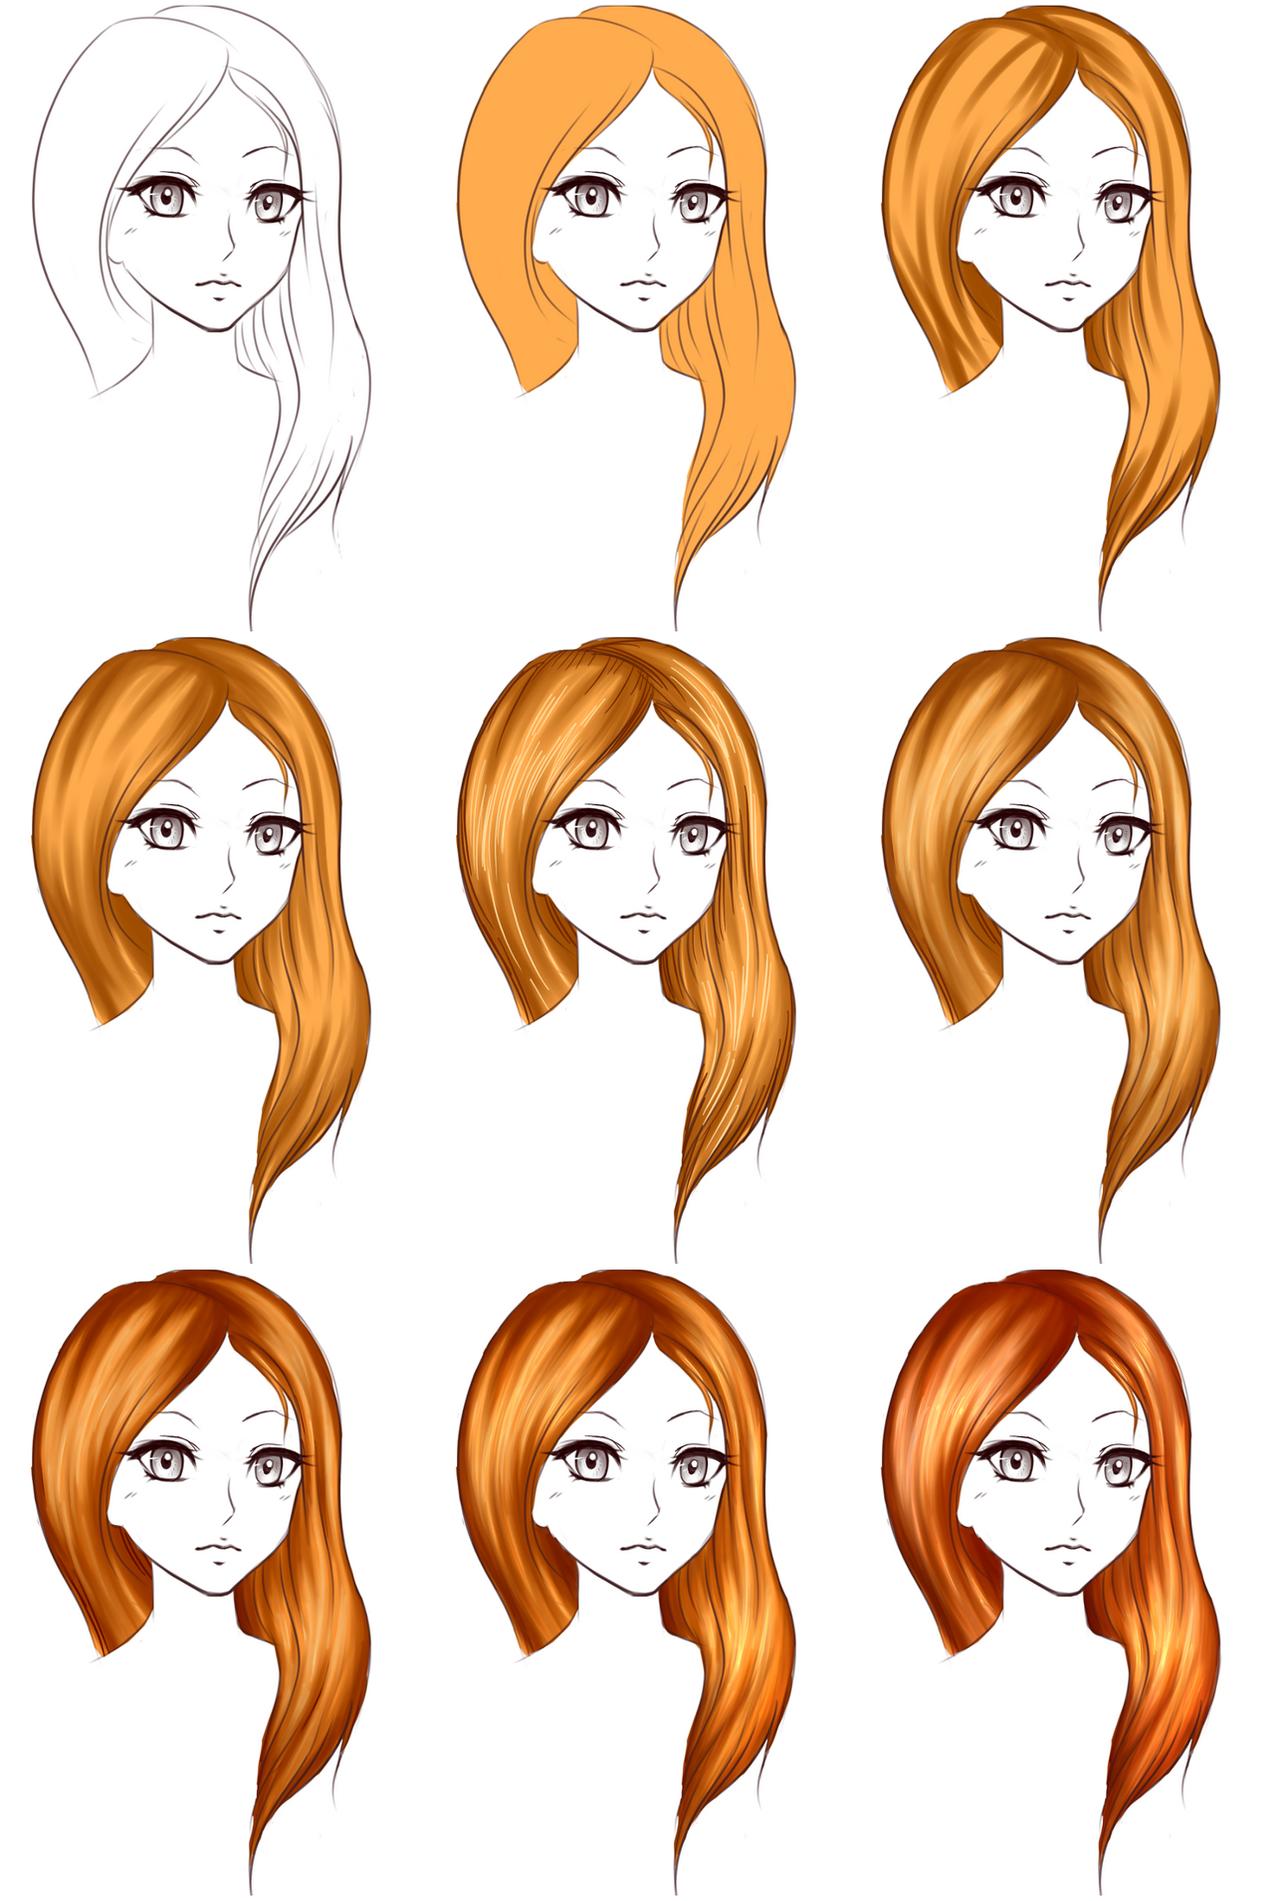 hair tutorials favourites by terra-adopts on DeviantArt